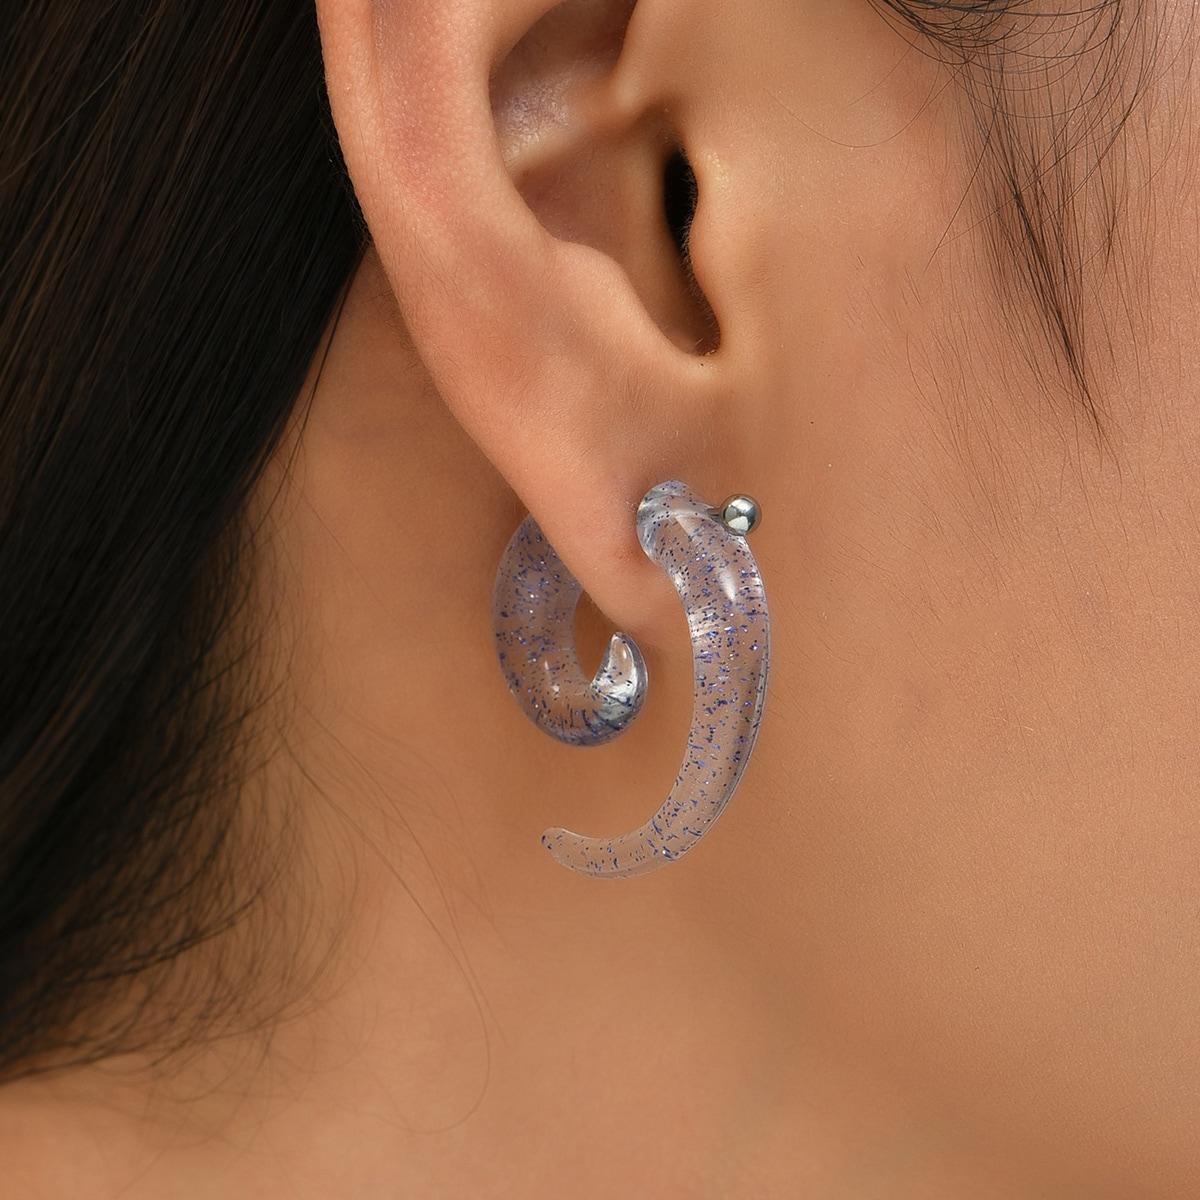 1pair Acrylic Ear Expander